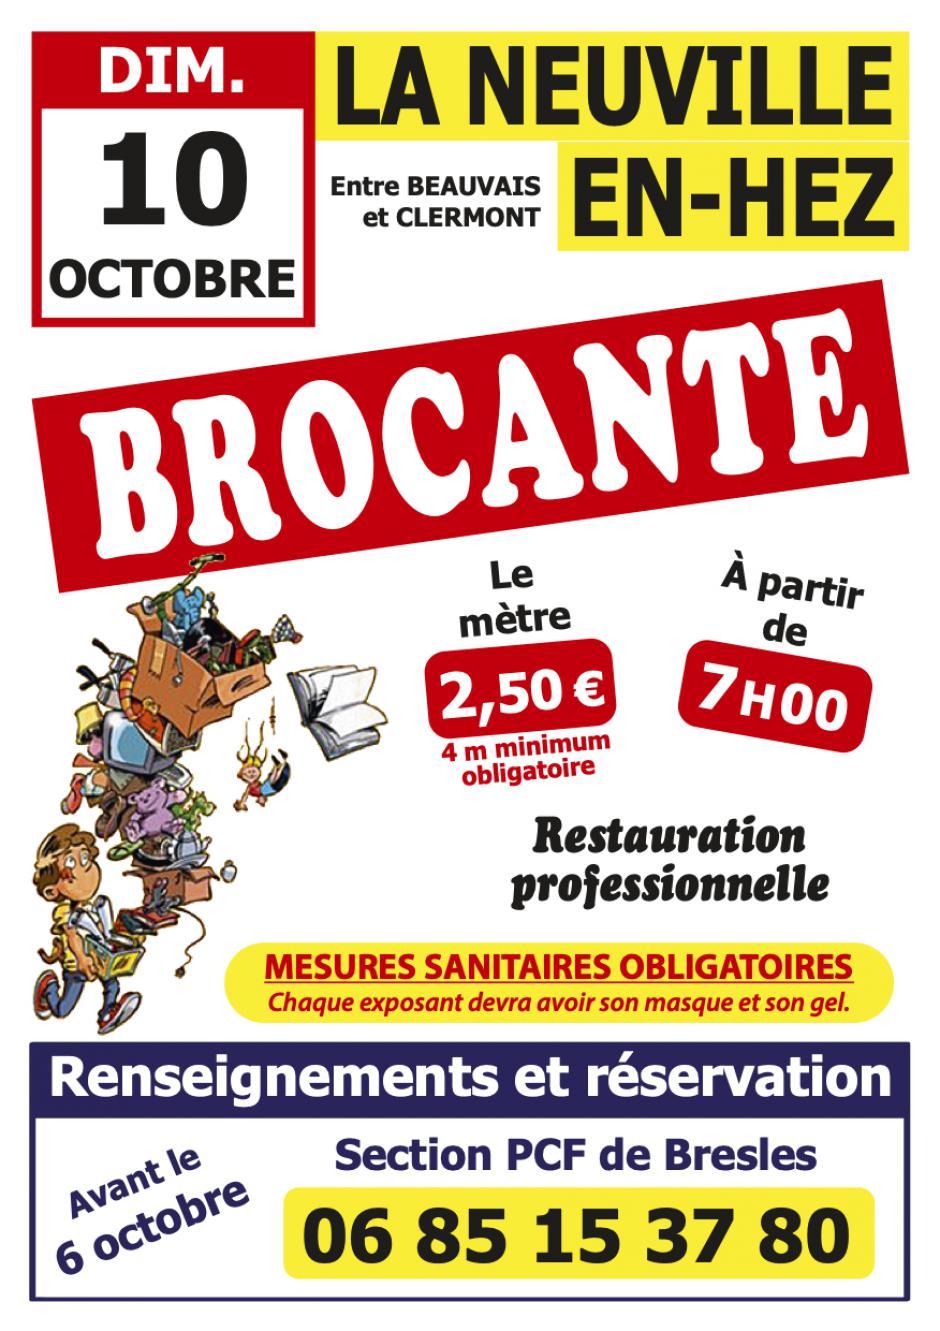 Flyer « Brocante à La Neuville-en-Hez » - PCF Bresles, 10 octobre 2021